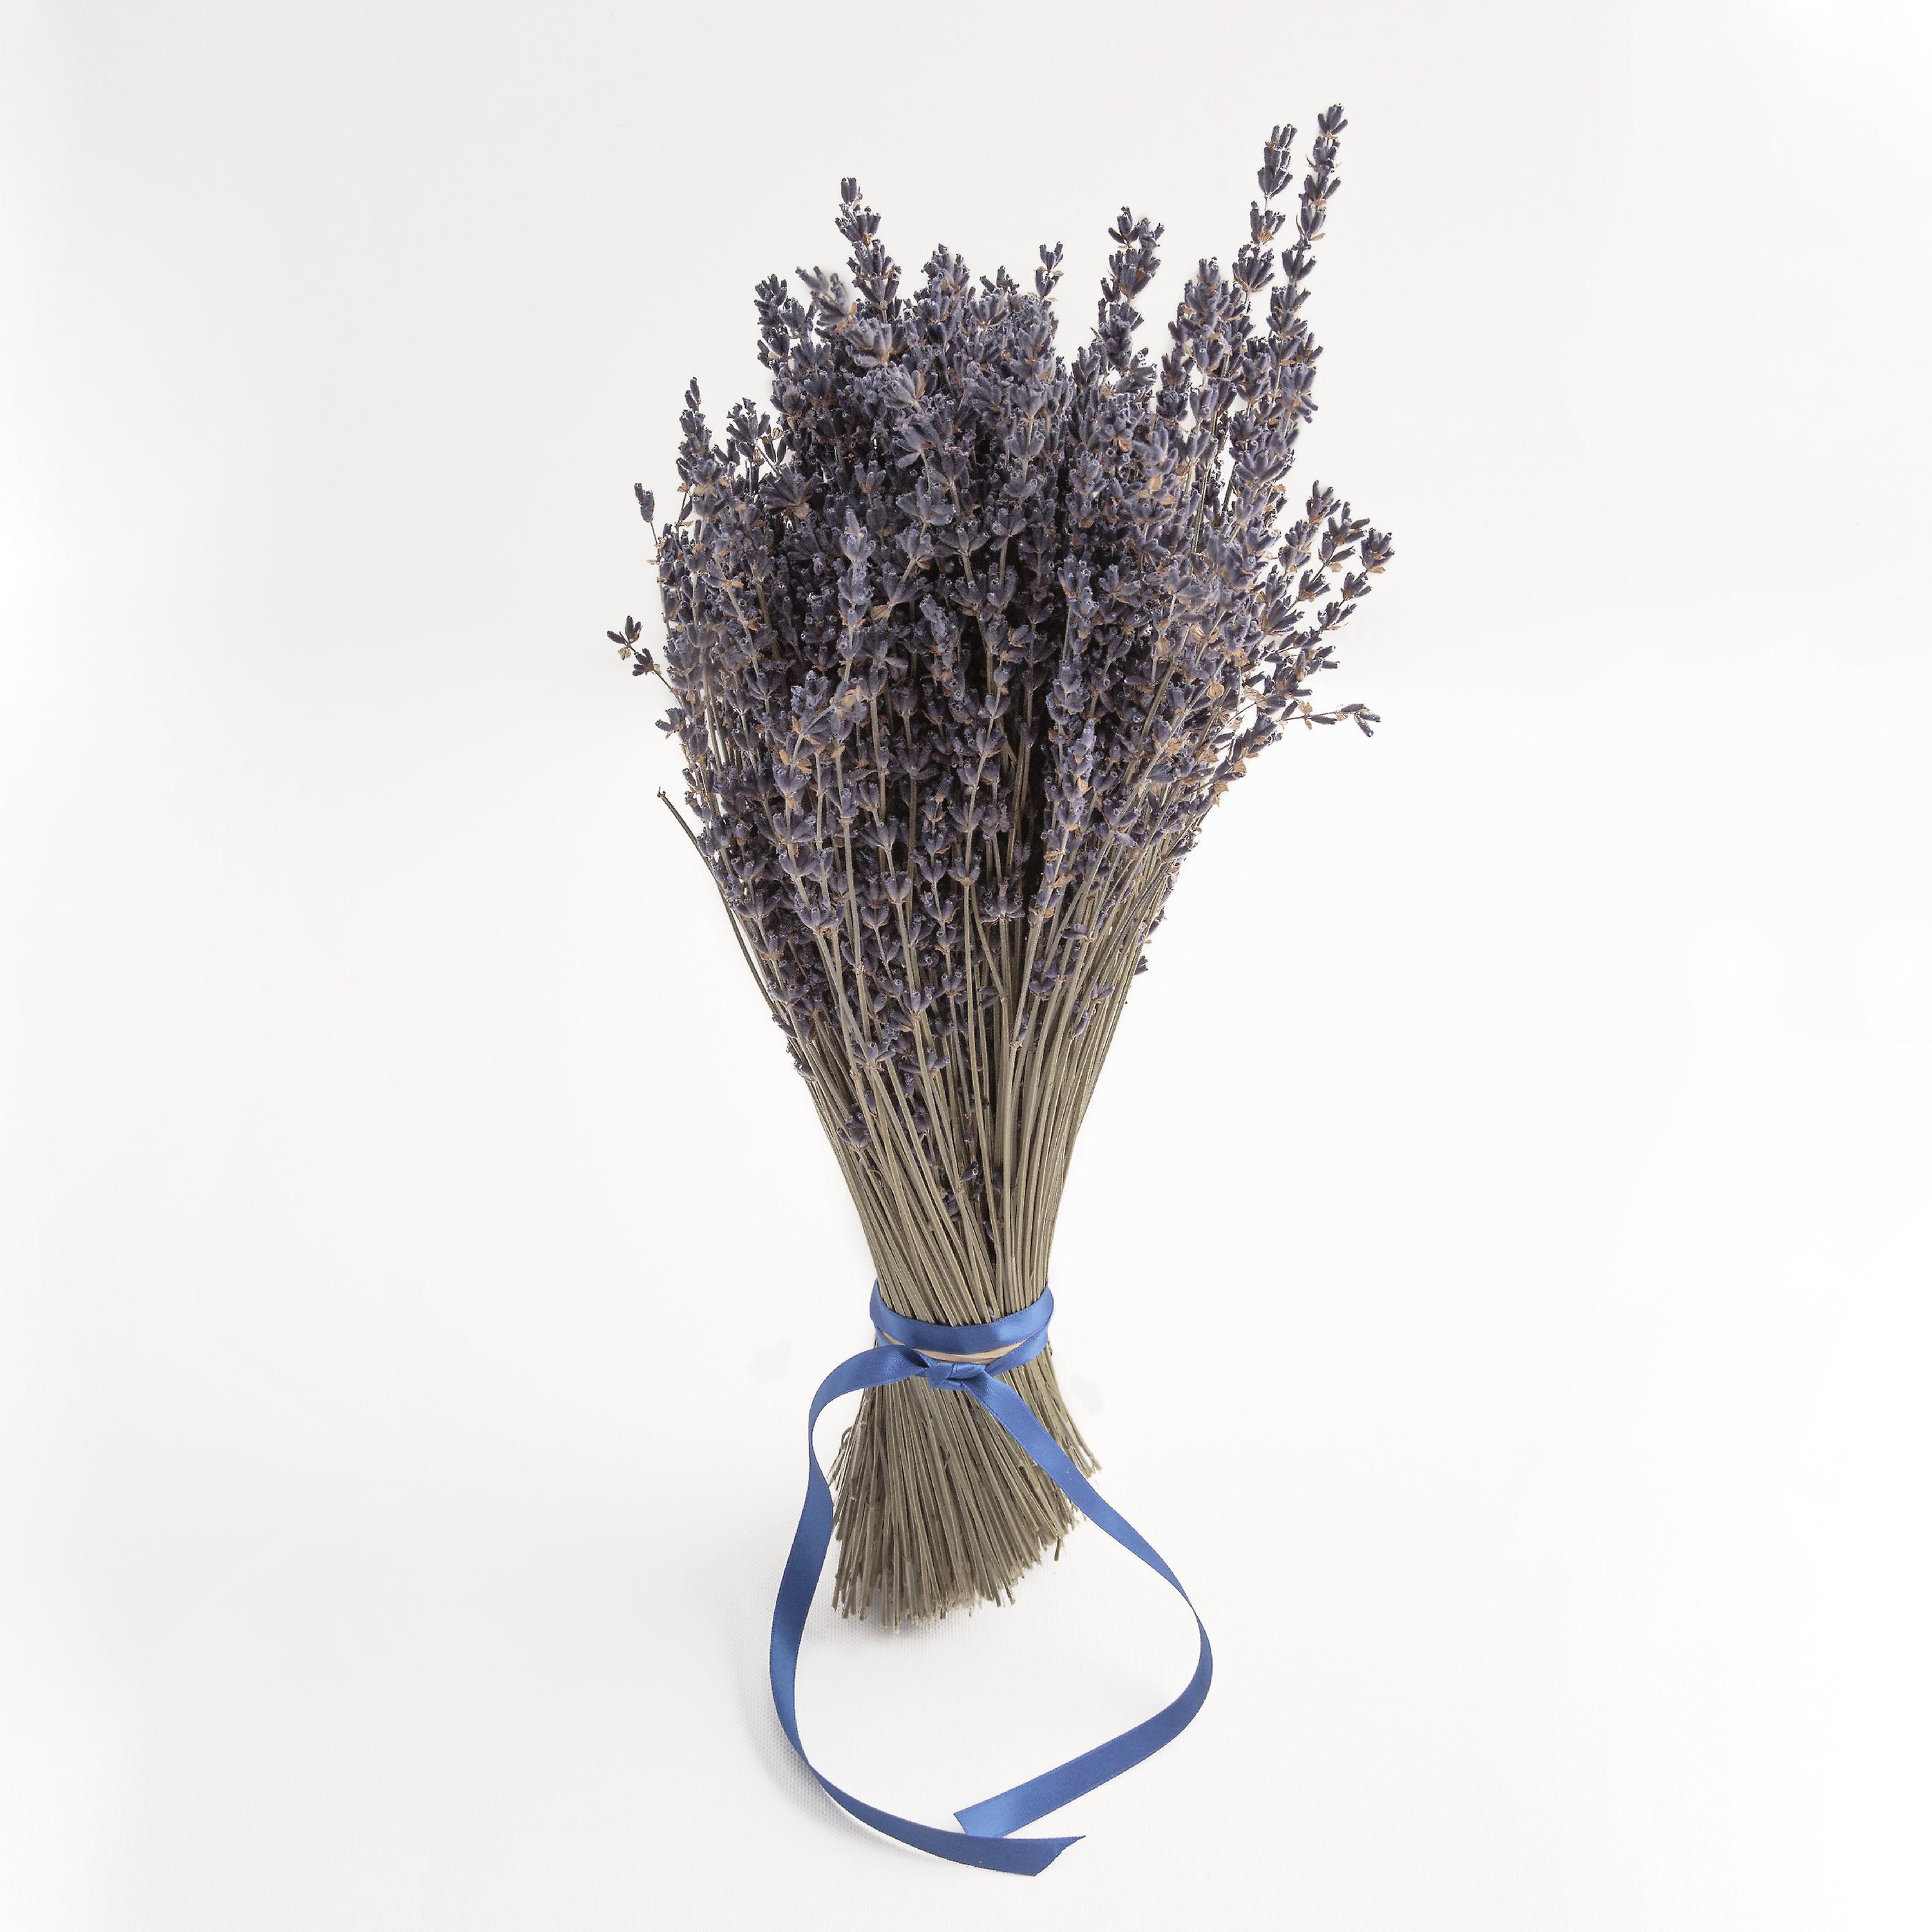 Lavender Lavender bouquet